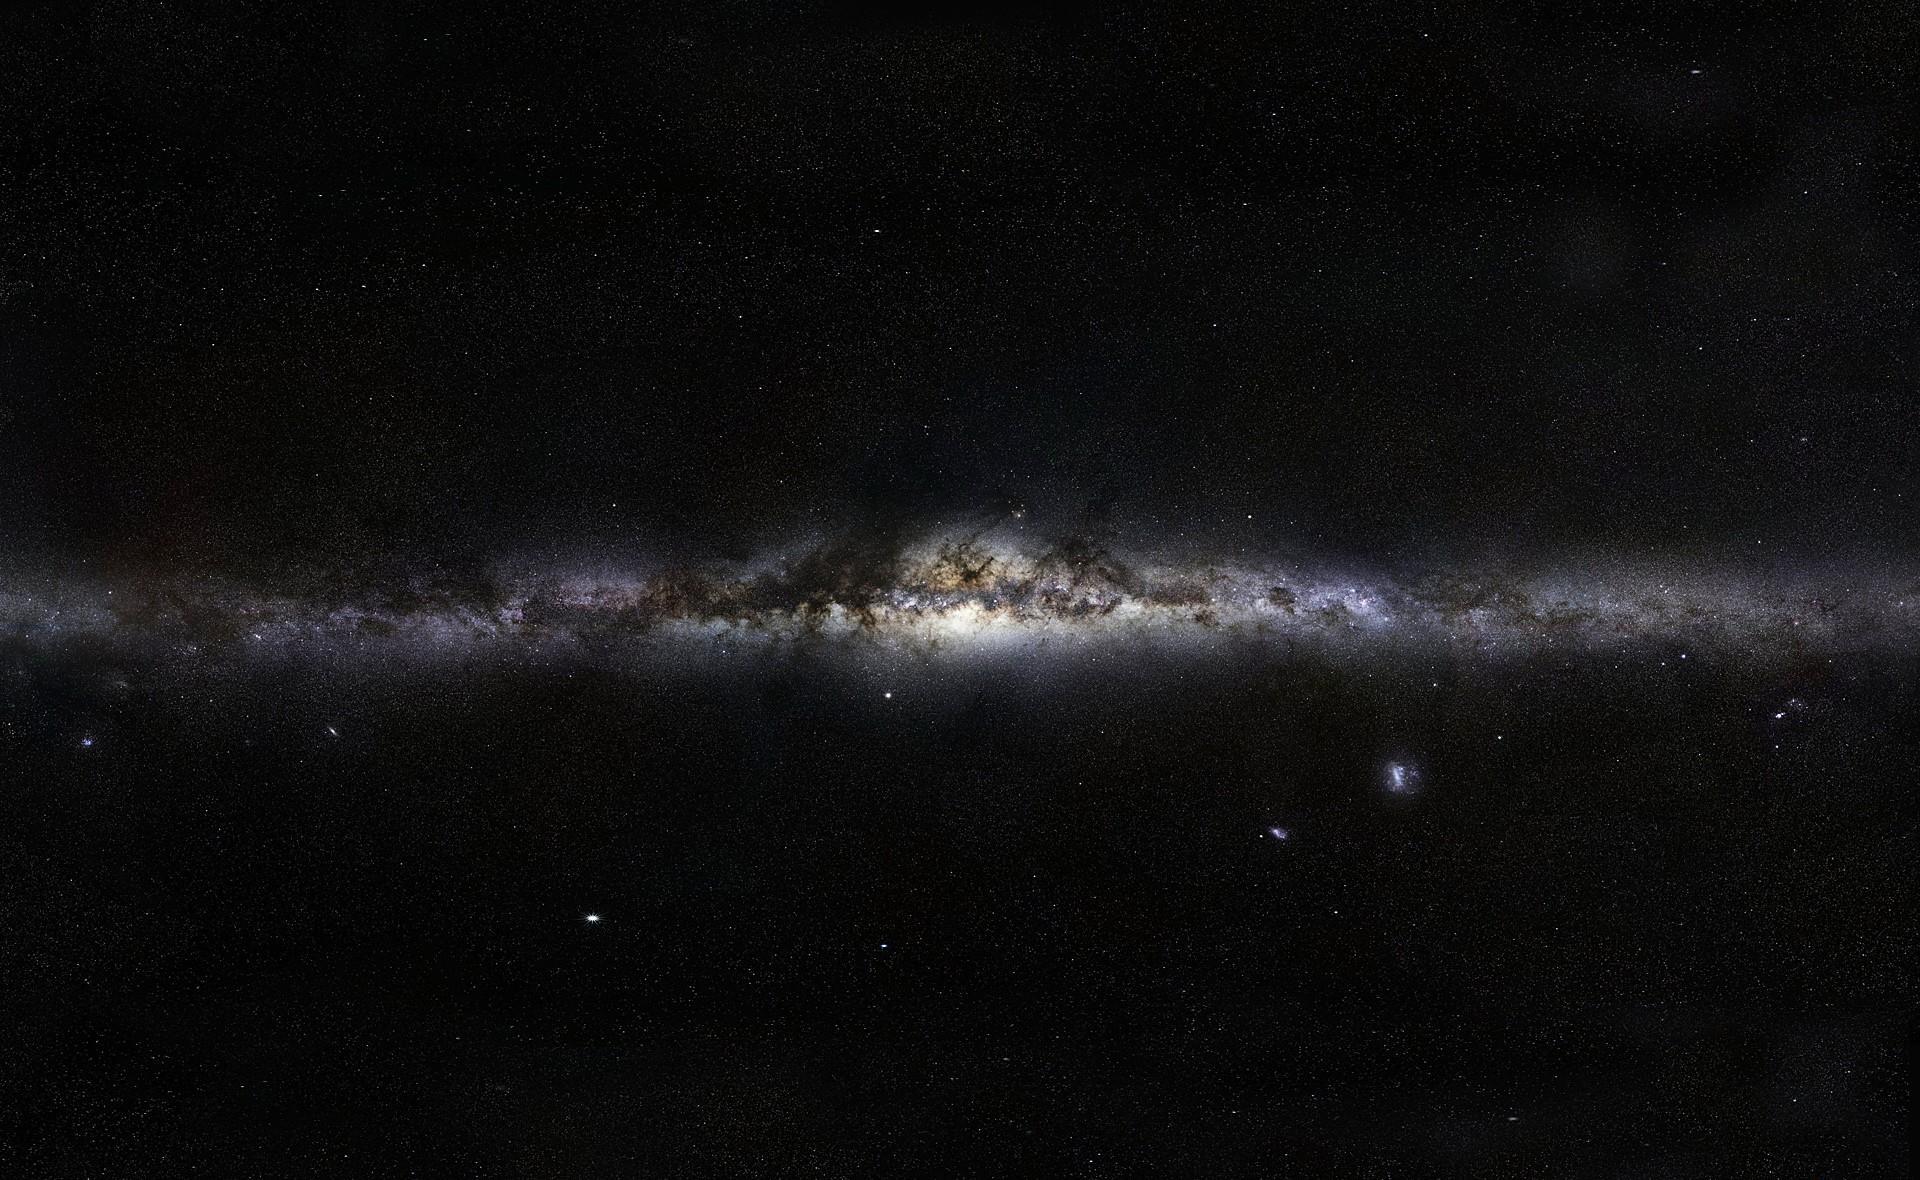 122932壁紙のダウンロード天の川, 宇宙, 星雲, スター-スクリーンセーバーと写真を無料で